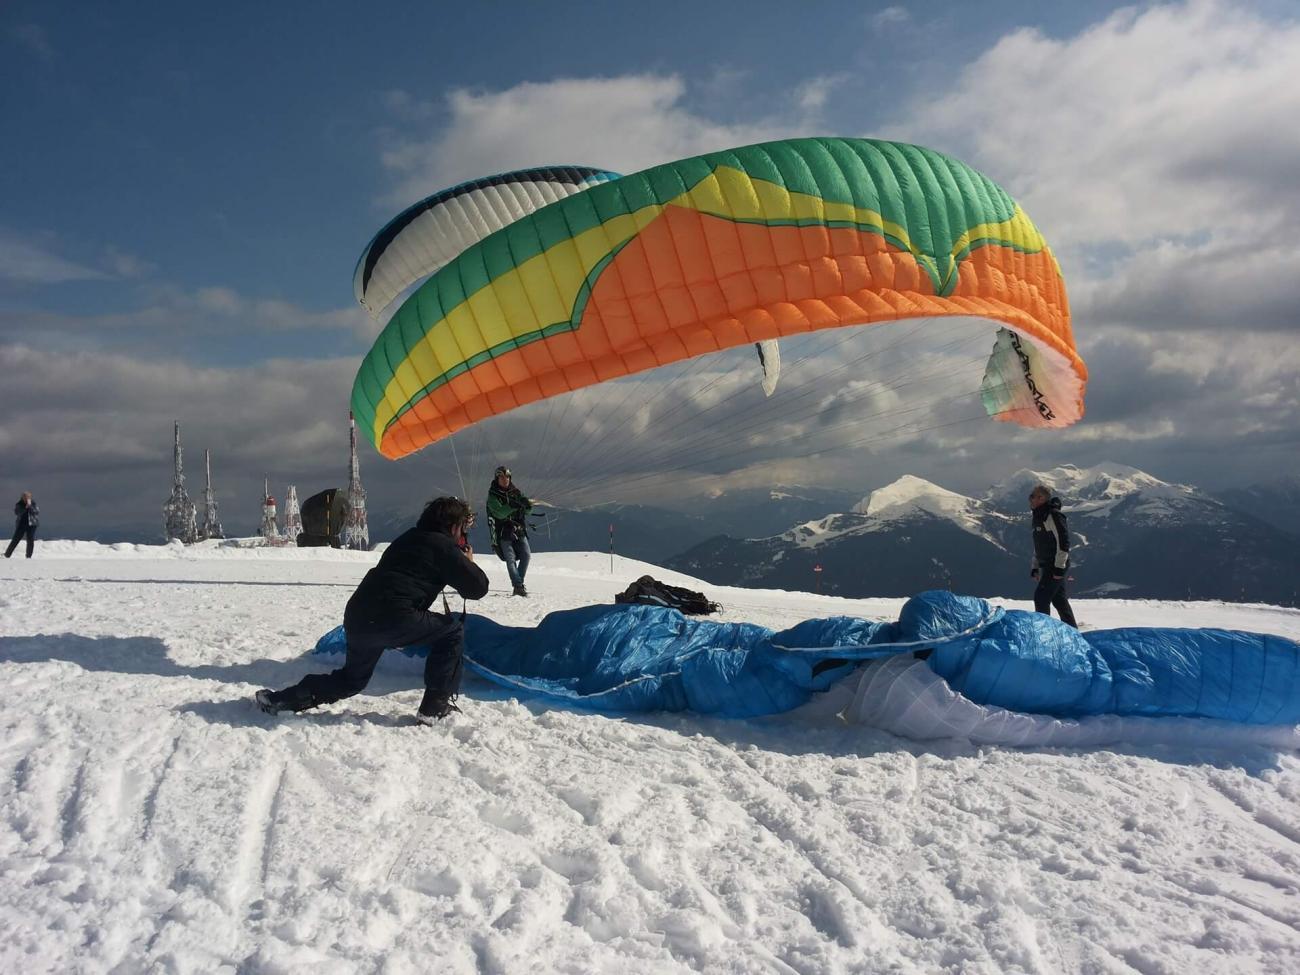 Para-gliding and Hang-gliding